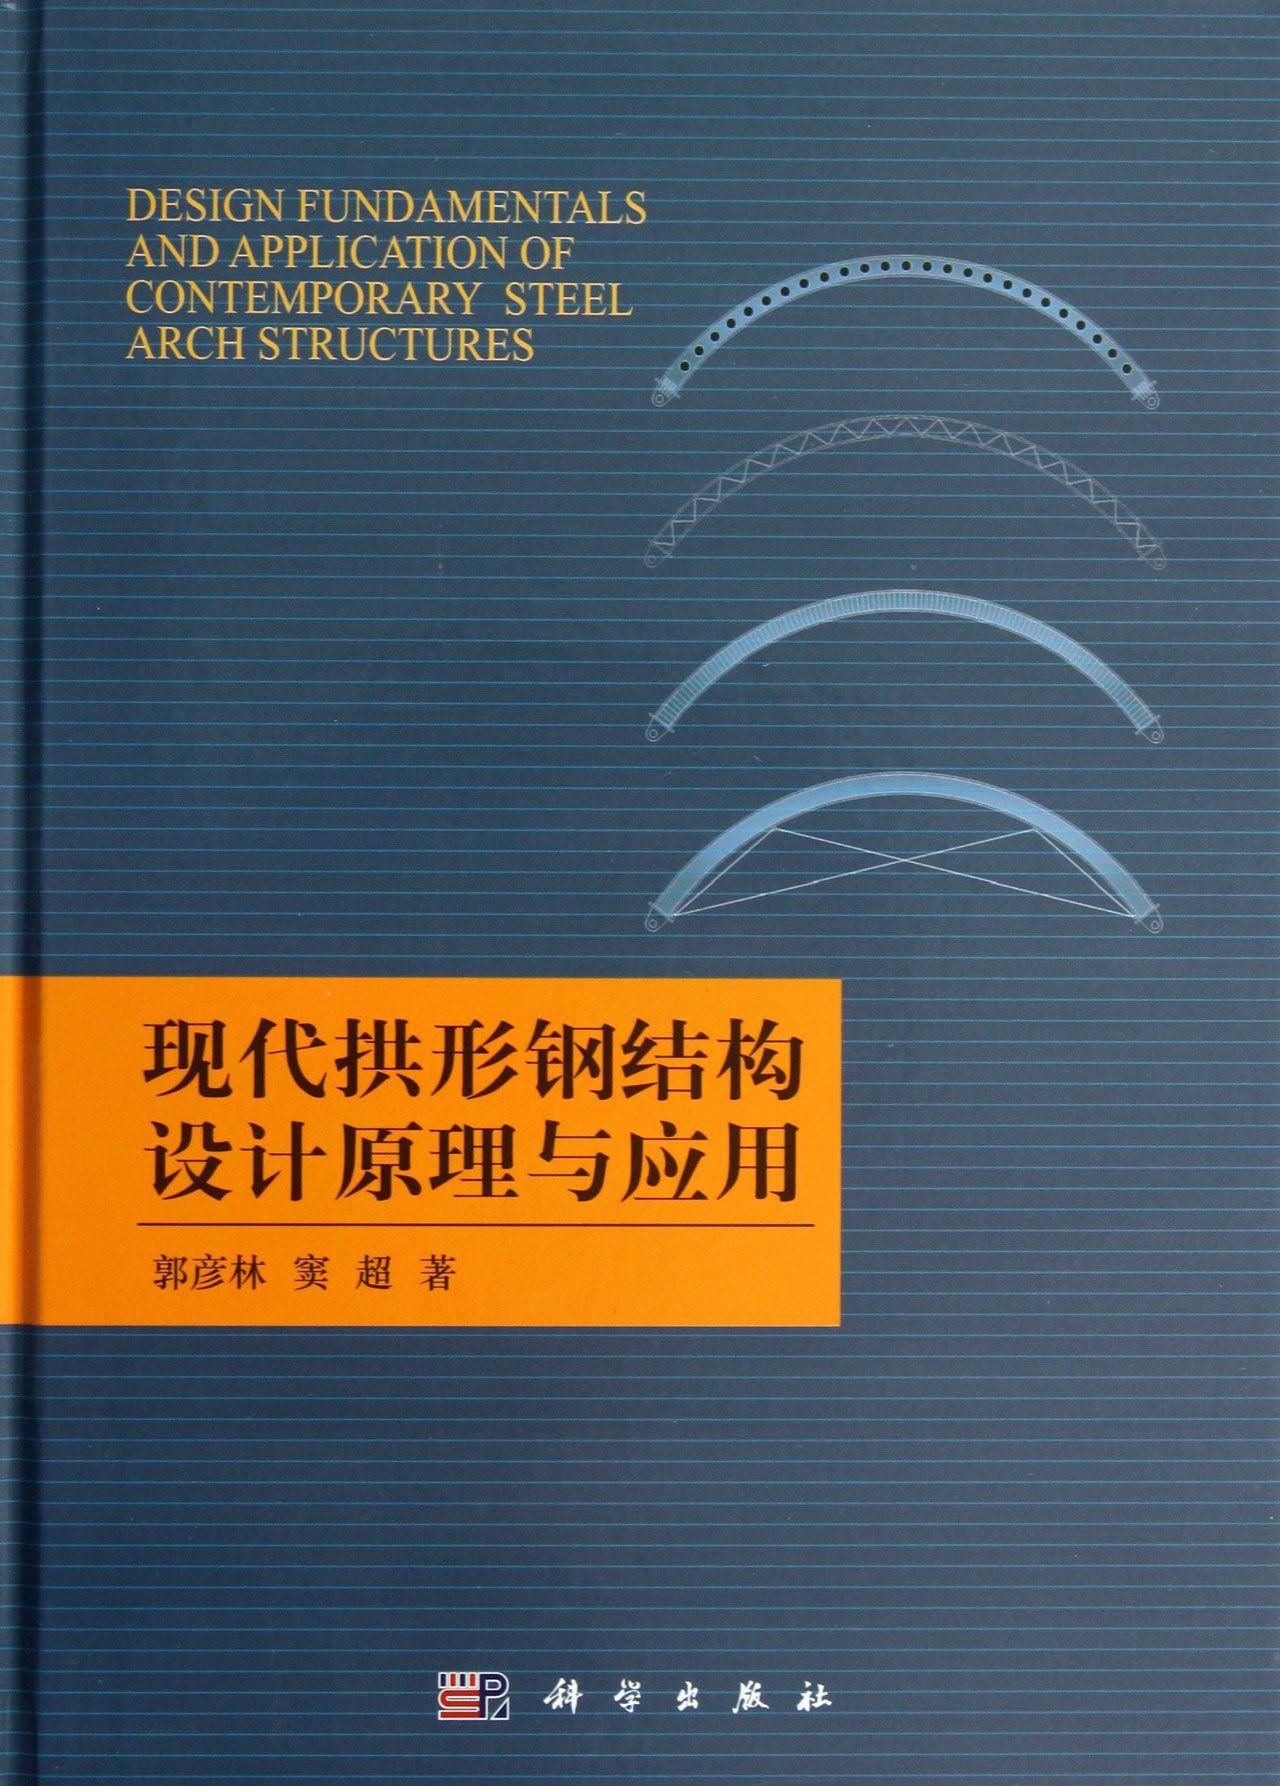 现代拱形钢结构设计原理与应用(精)